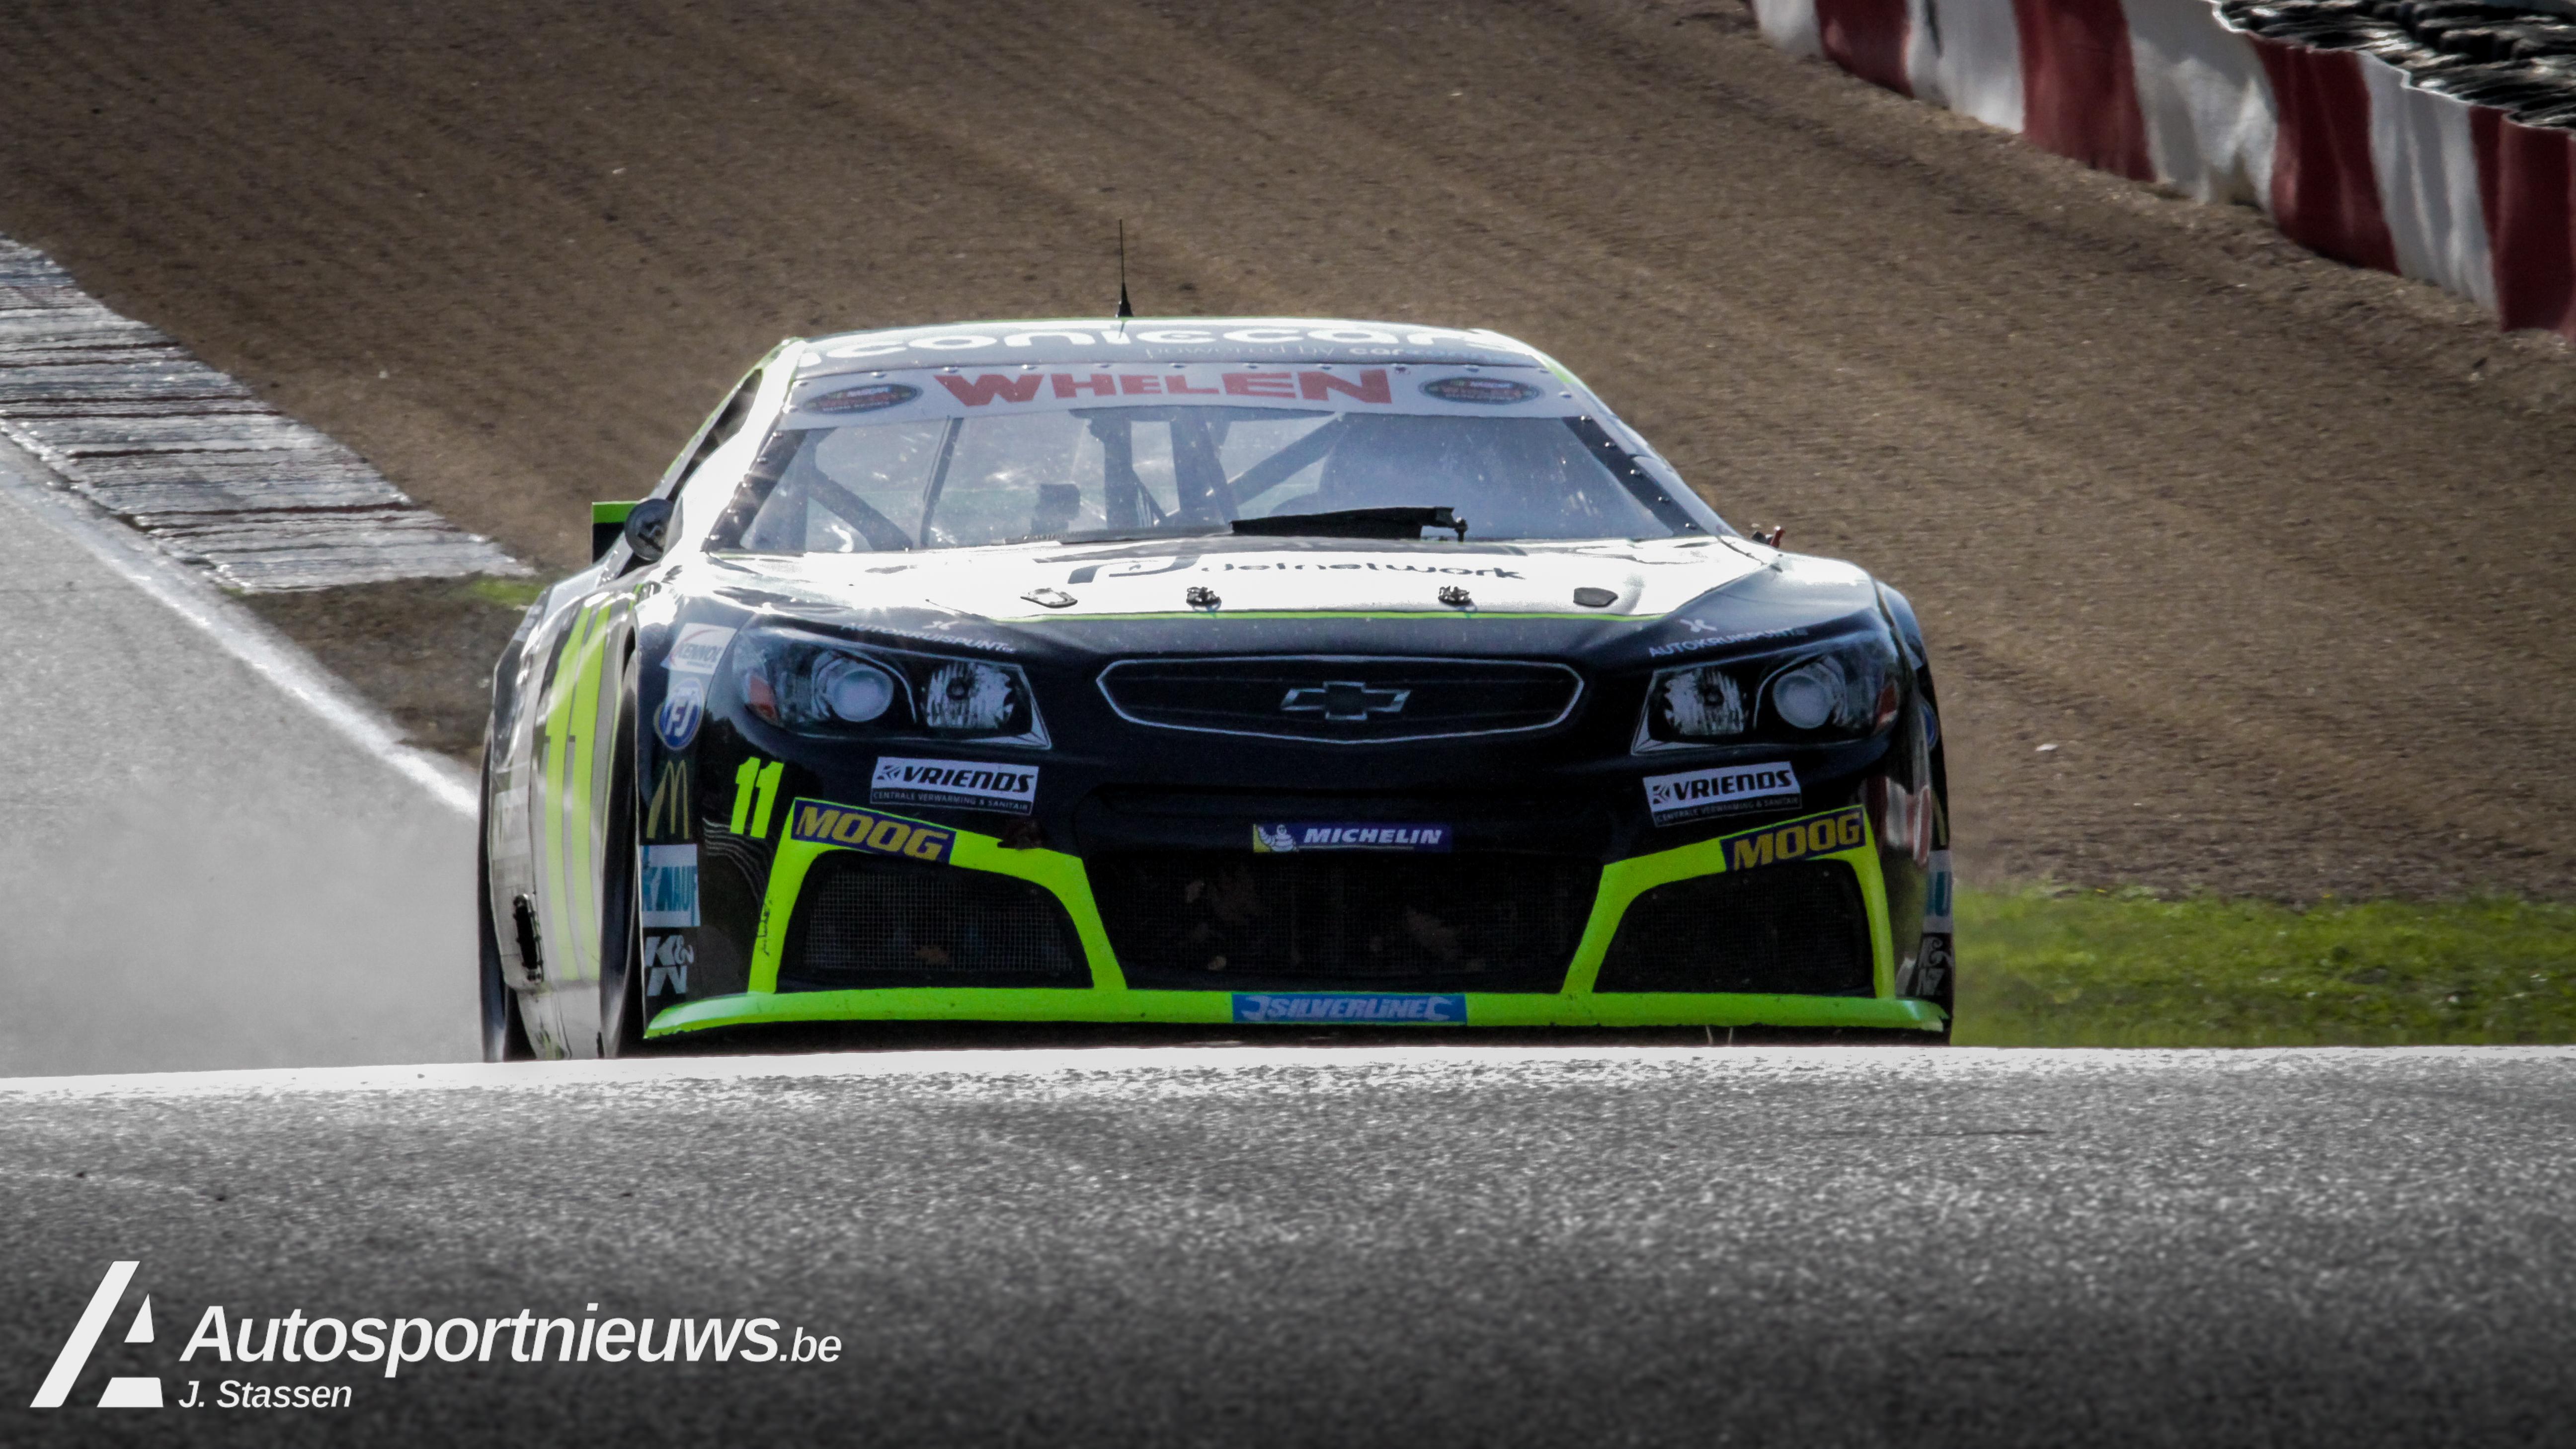 Stienes en Bert Longin sluiten seizoen af met een titel, een podiumplaats en een pole positie.